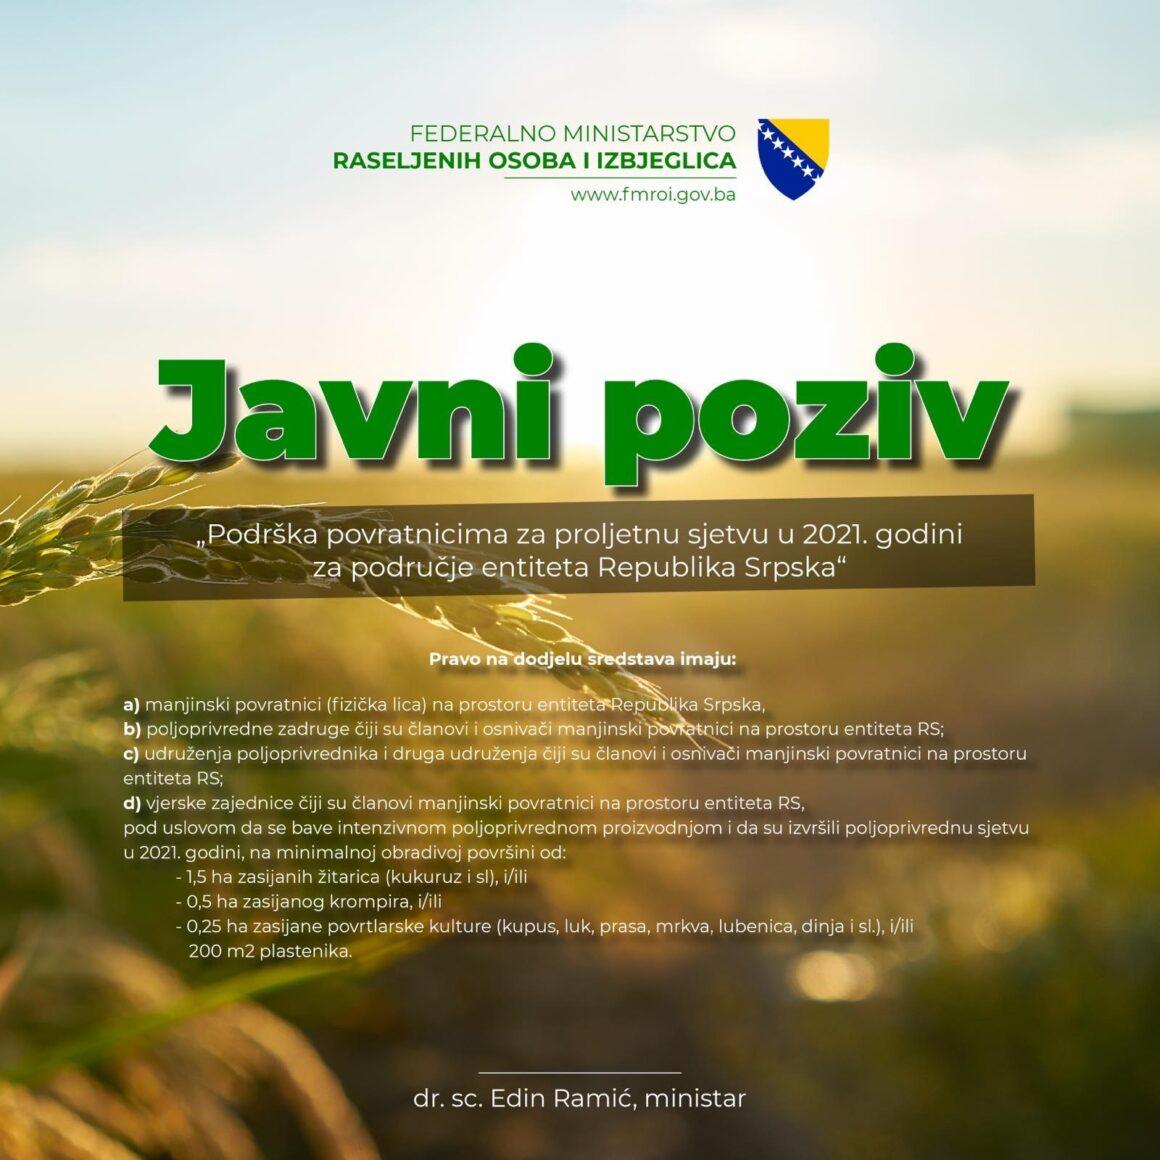 """JAVNI POZIV """"Podrška povratnicima za proljetnu sjetvu u 2021. godini za područje entiteta Republika Srpska"""""""